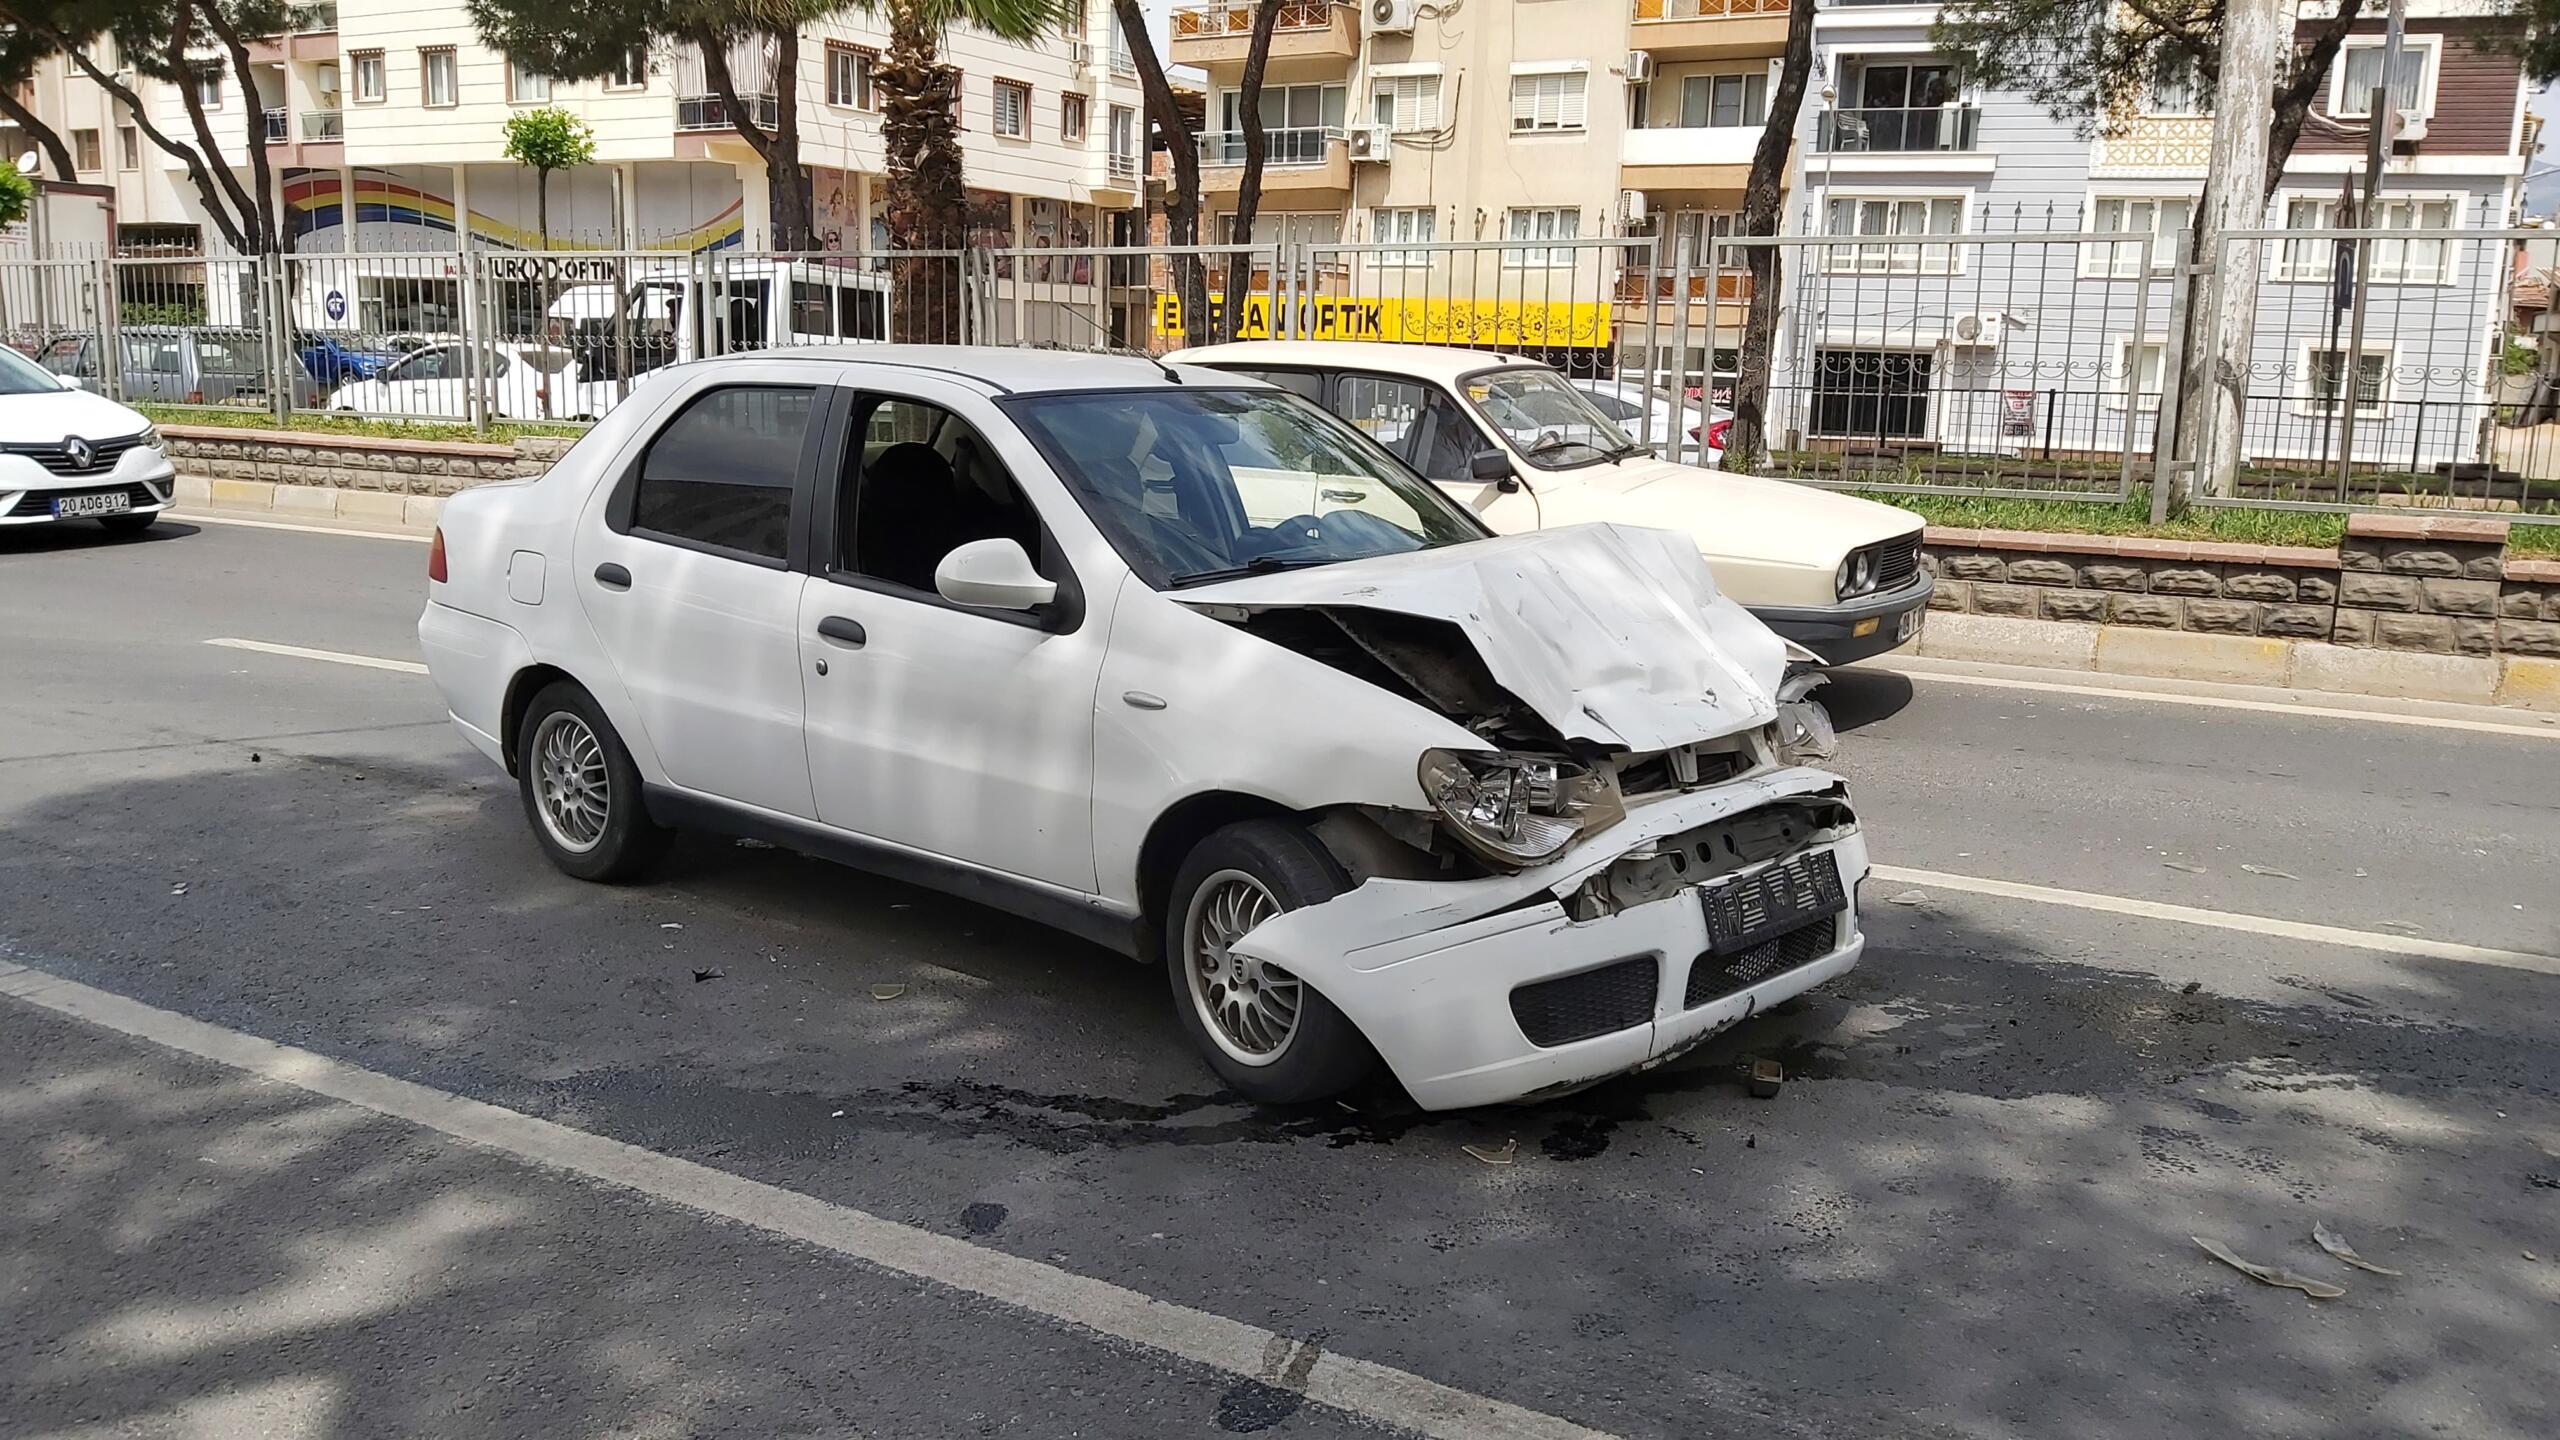 Nazilli'de Korkutan Kaza; 1 Kişi Yaralandı